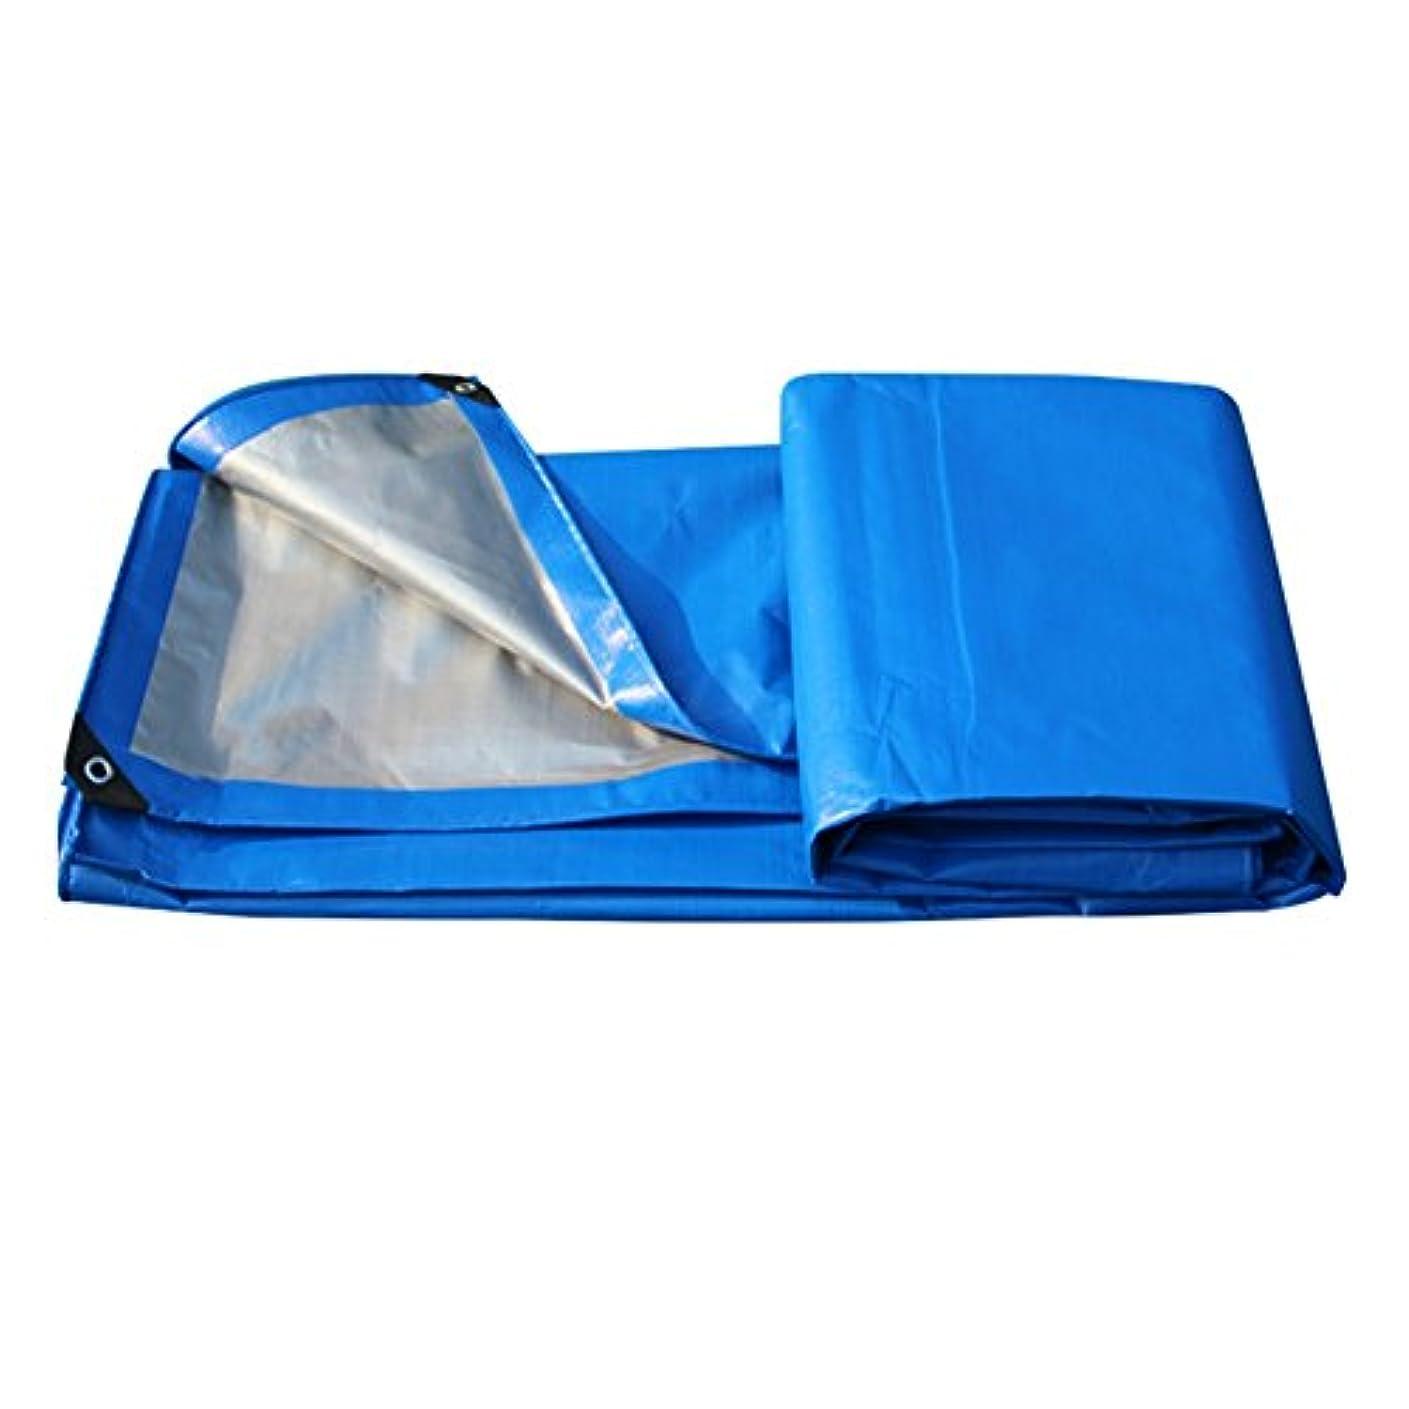 受益者難しい怖がって死ぬ36-dianyejiancai 防水シートの日よけの日焼け止めトラックは布の園芸の日よけの高温の暖かい老化防止を流しましたか。屋外防水シート (Color : Blue+gray, サイズ : 6x10M)